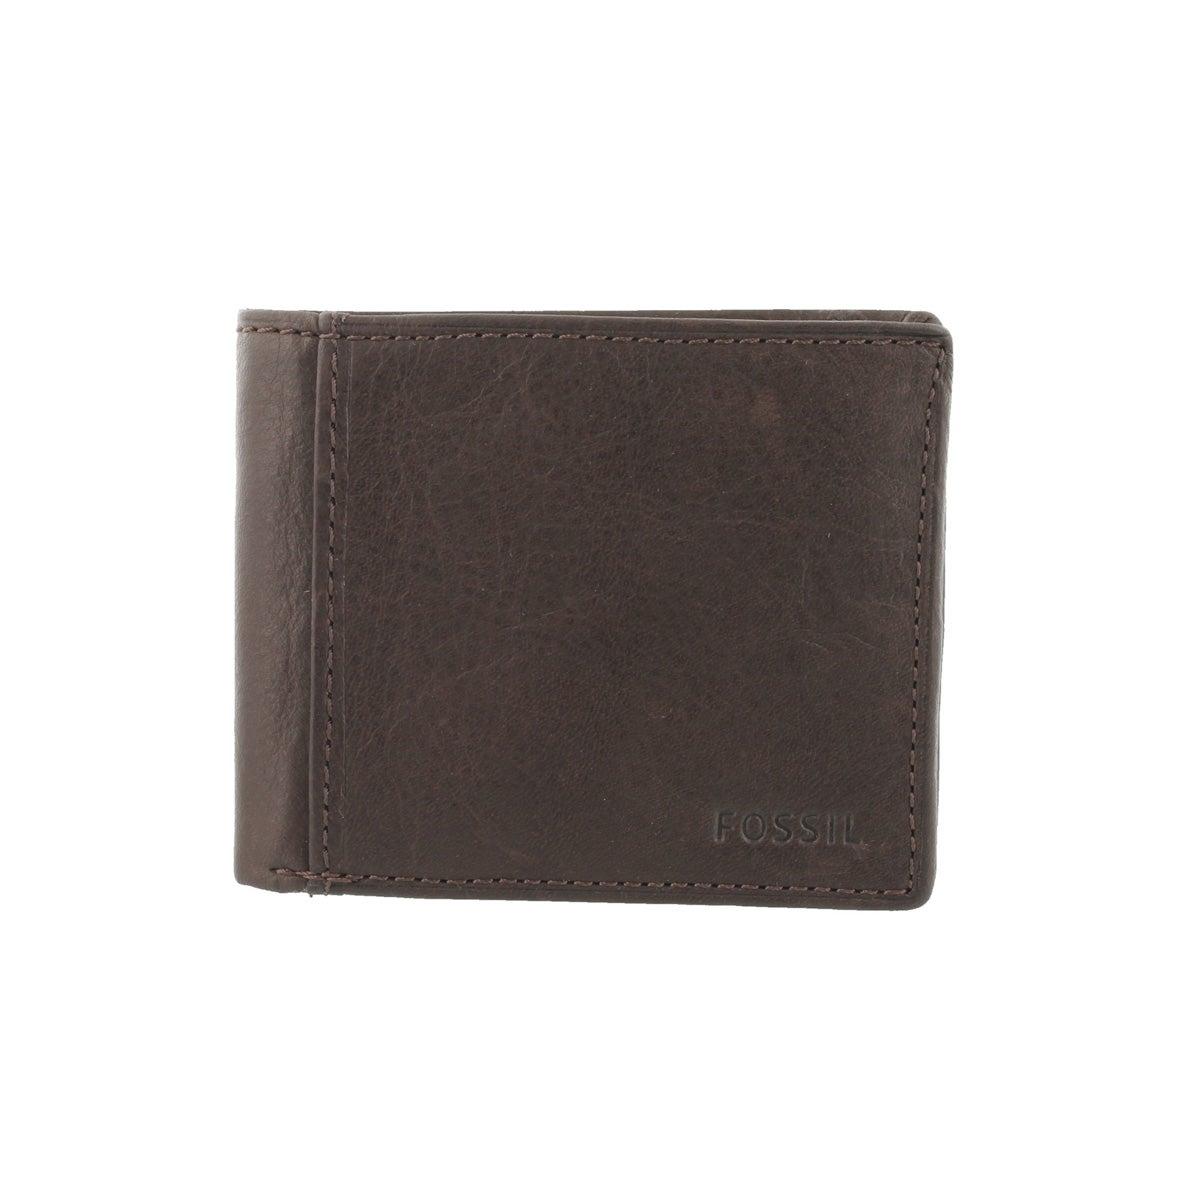 Mns Ingram Traveler brown leather wallet